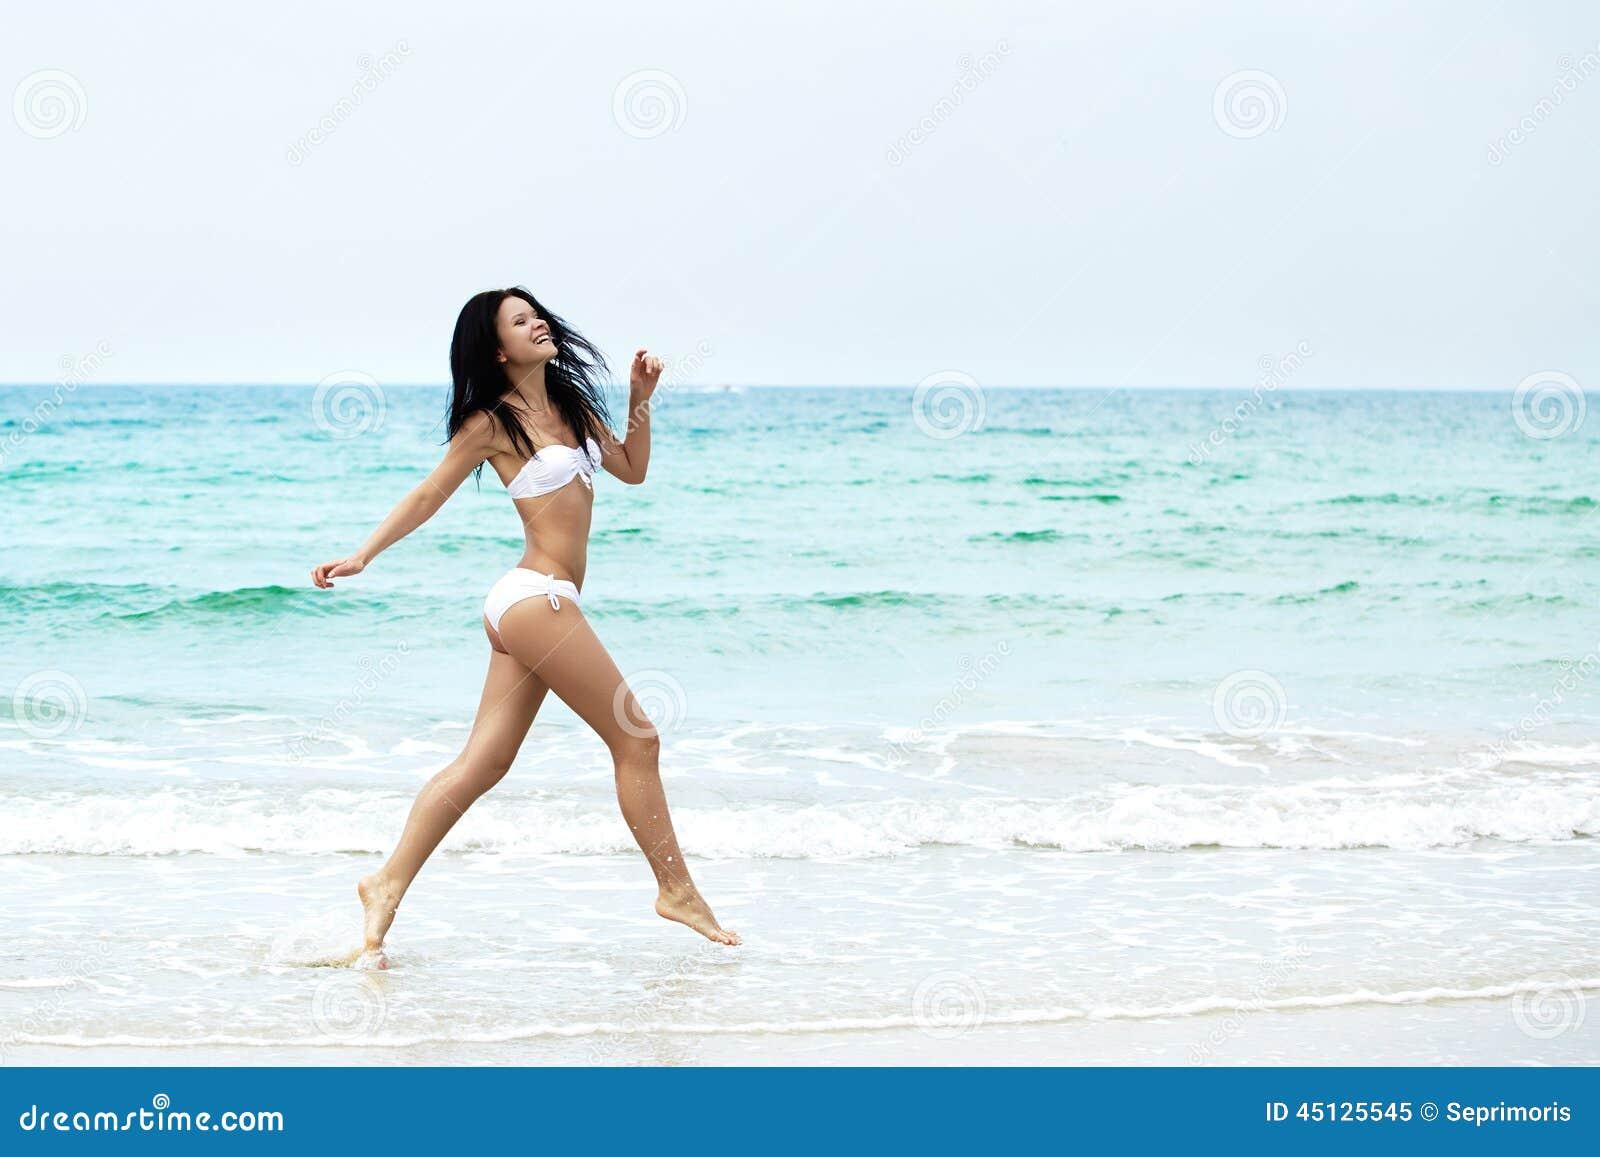 Naked asian women in shower